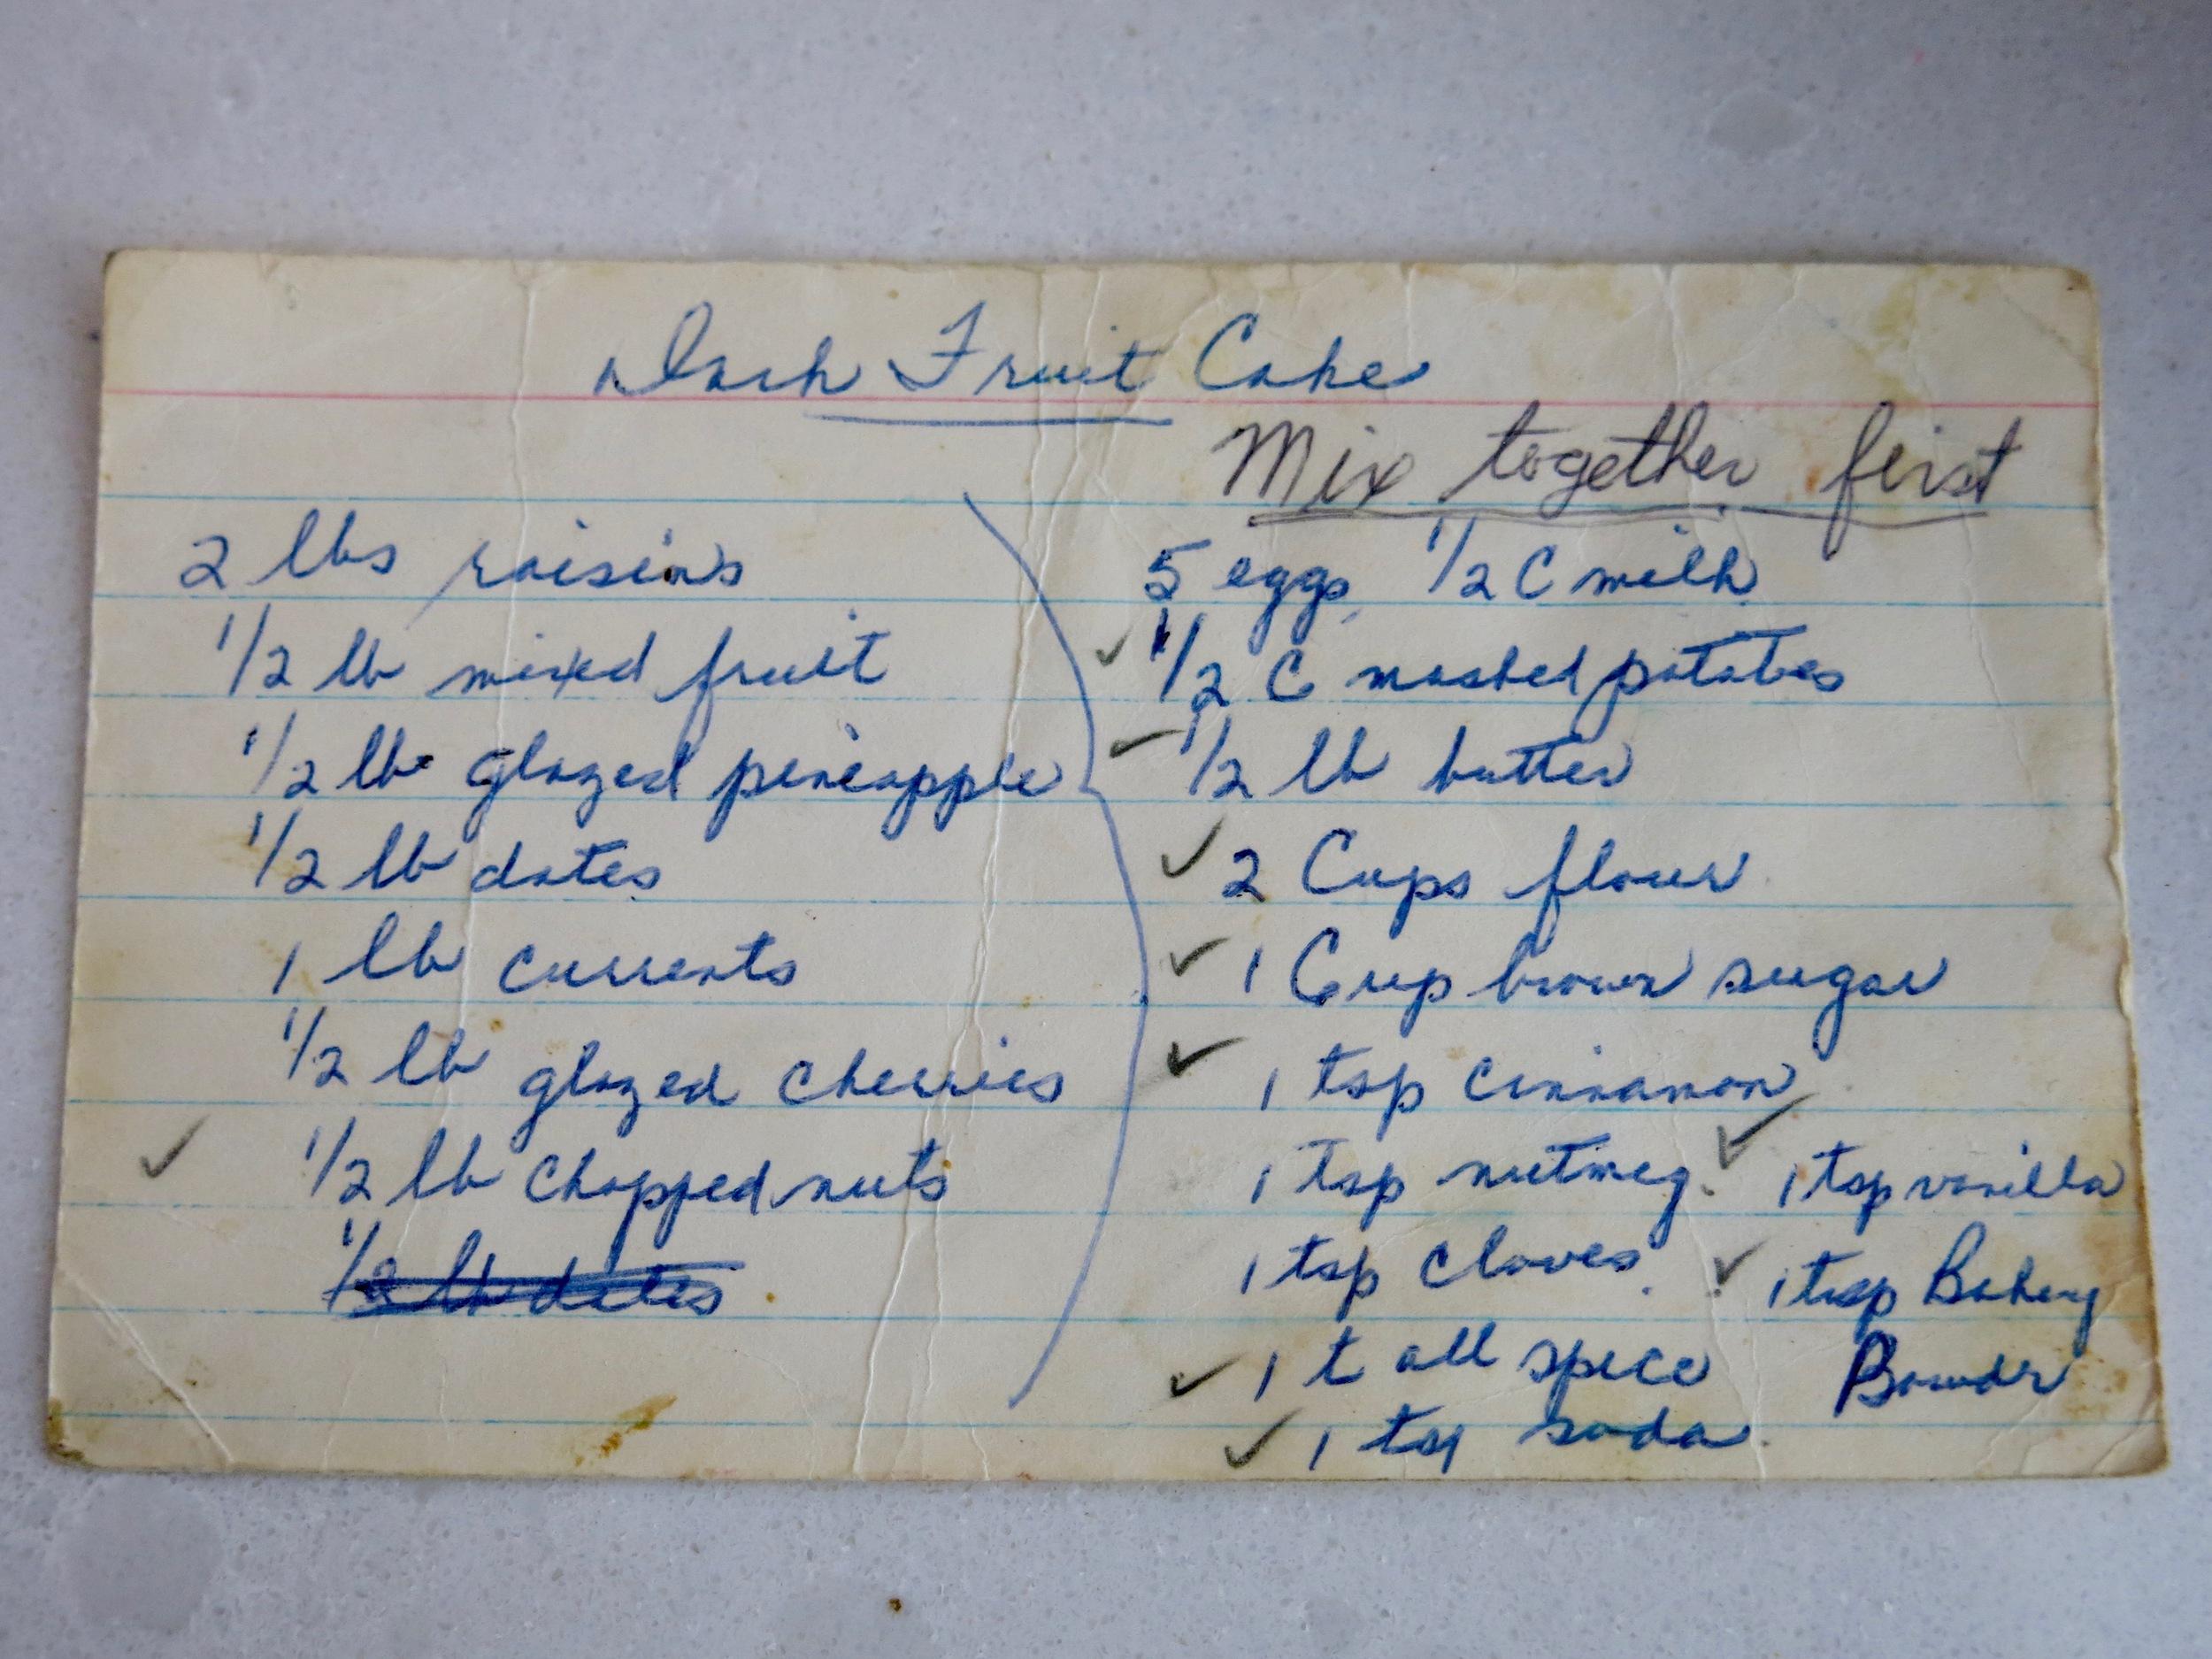 The recipe card.